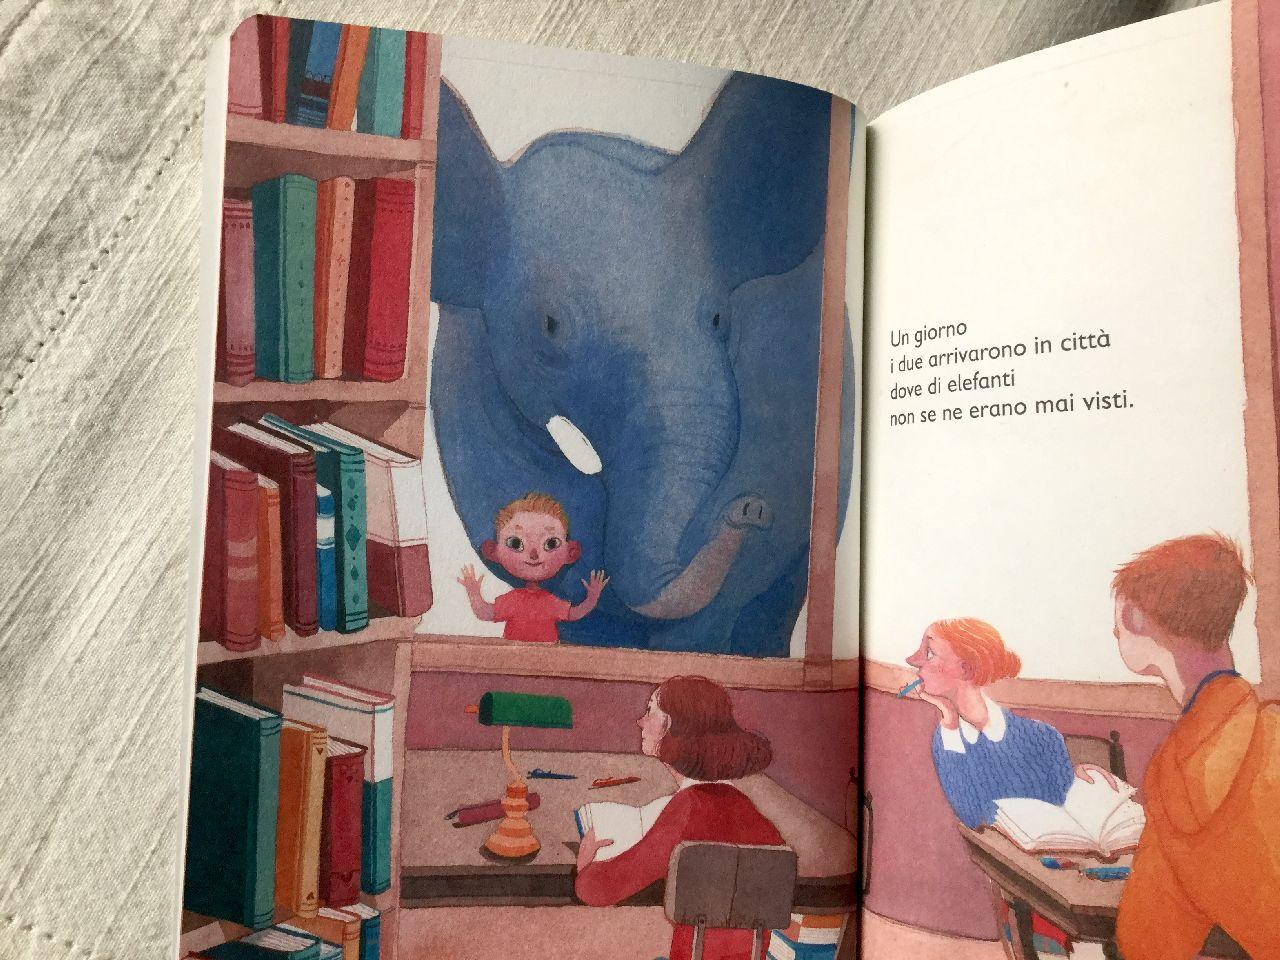 Lilliput, Troppo elefante di Daniele Movarelli e Veronica Ruffato